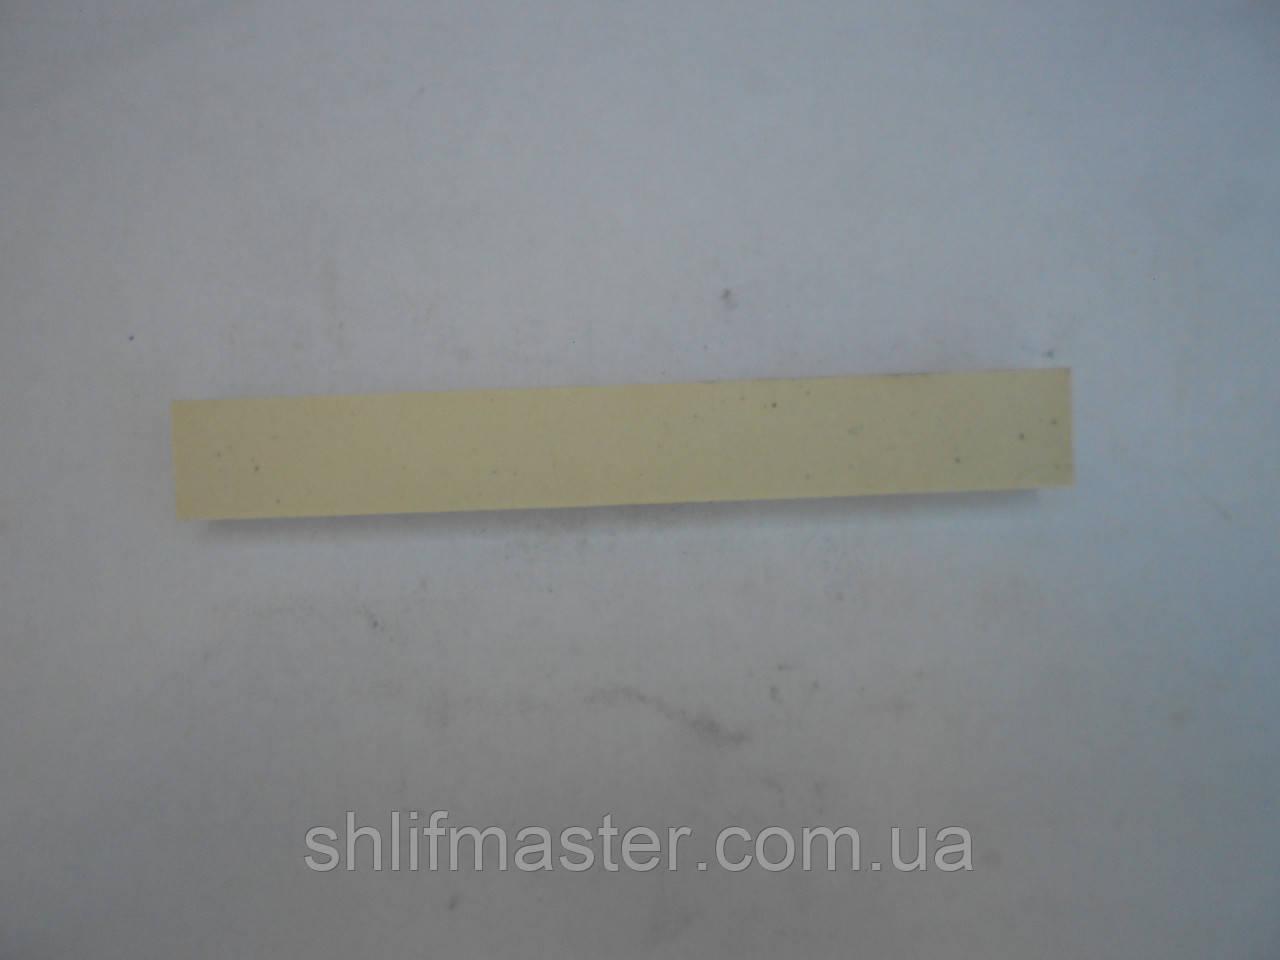 Брусок заточной абразивный 25А (электрокорунд белый) 100х9х8 12 СТ